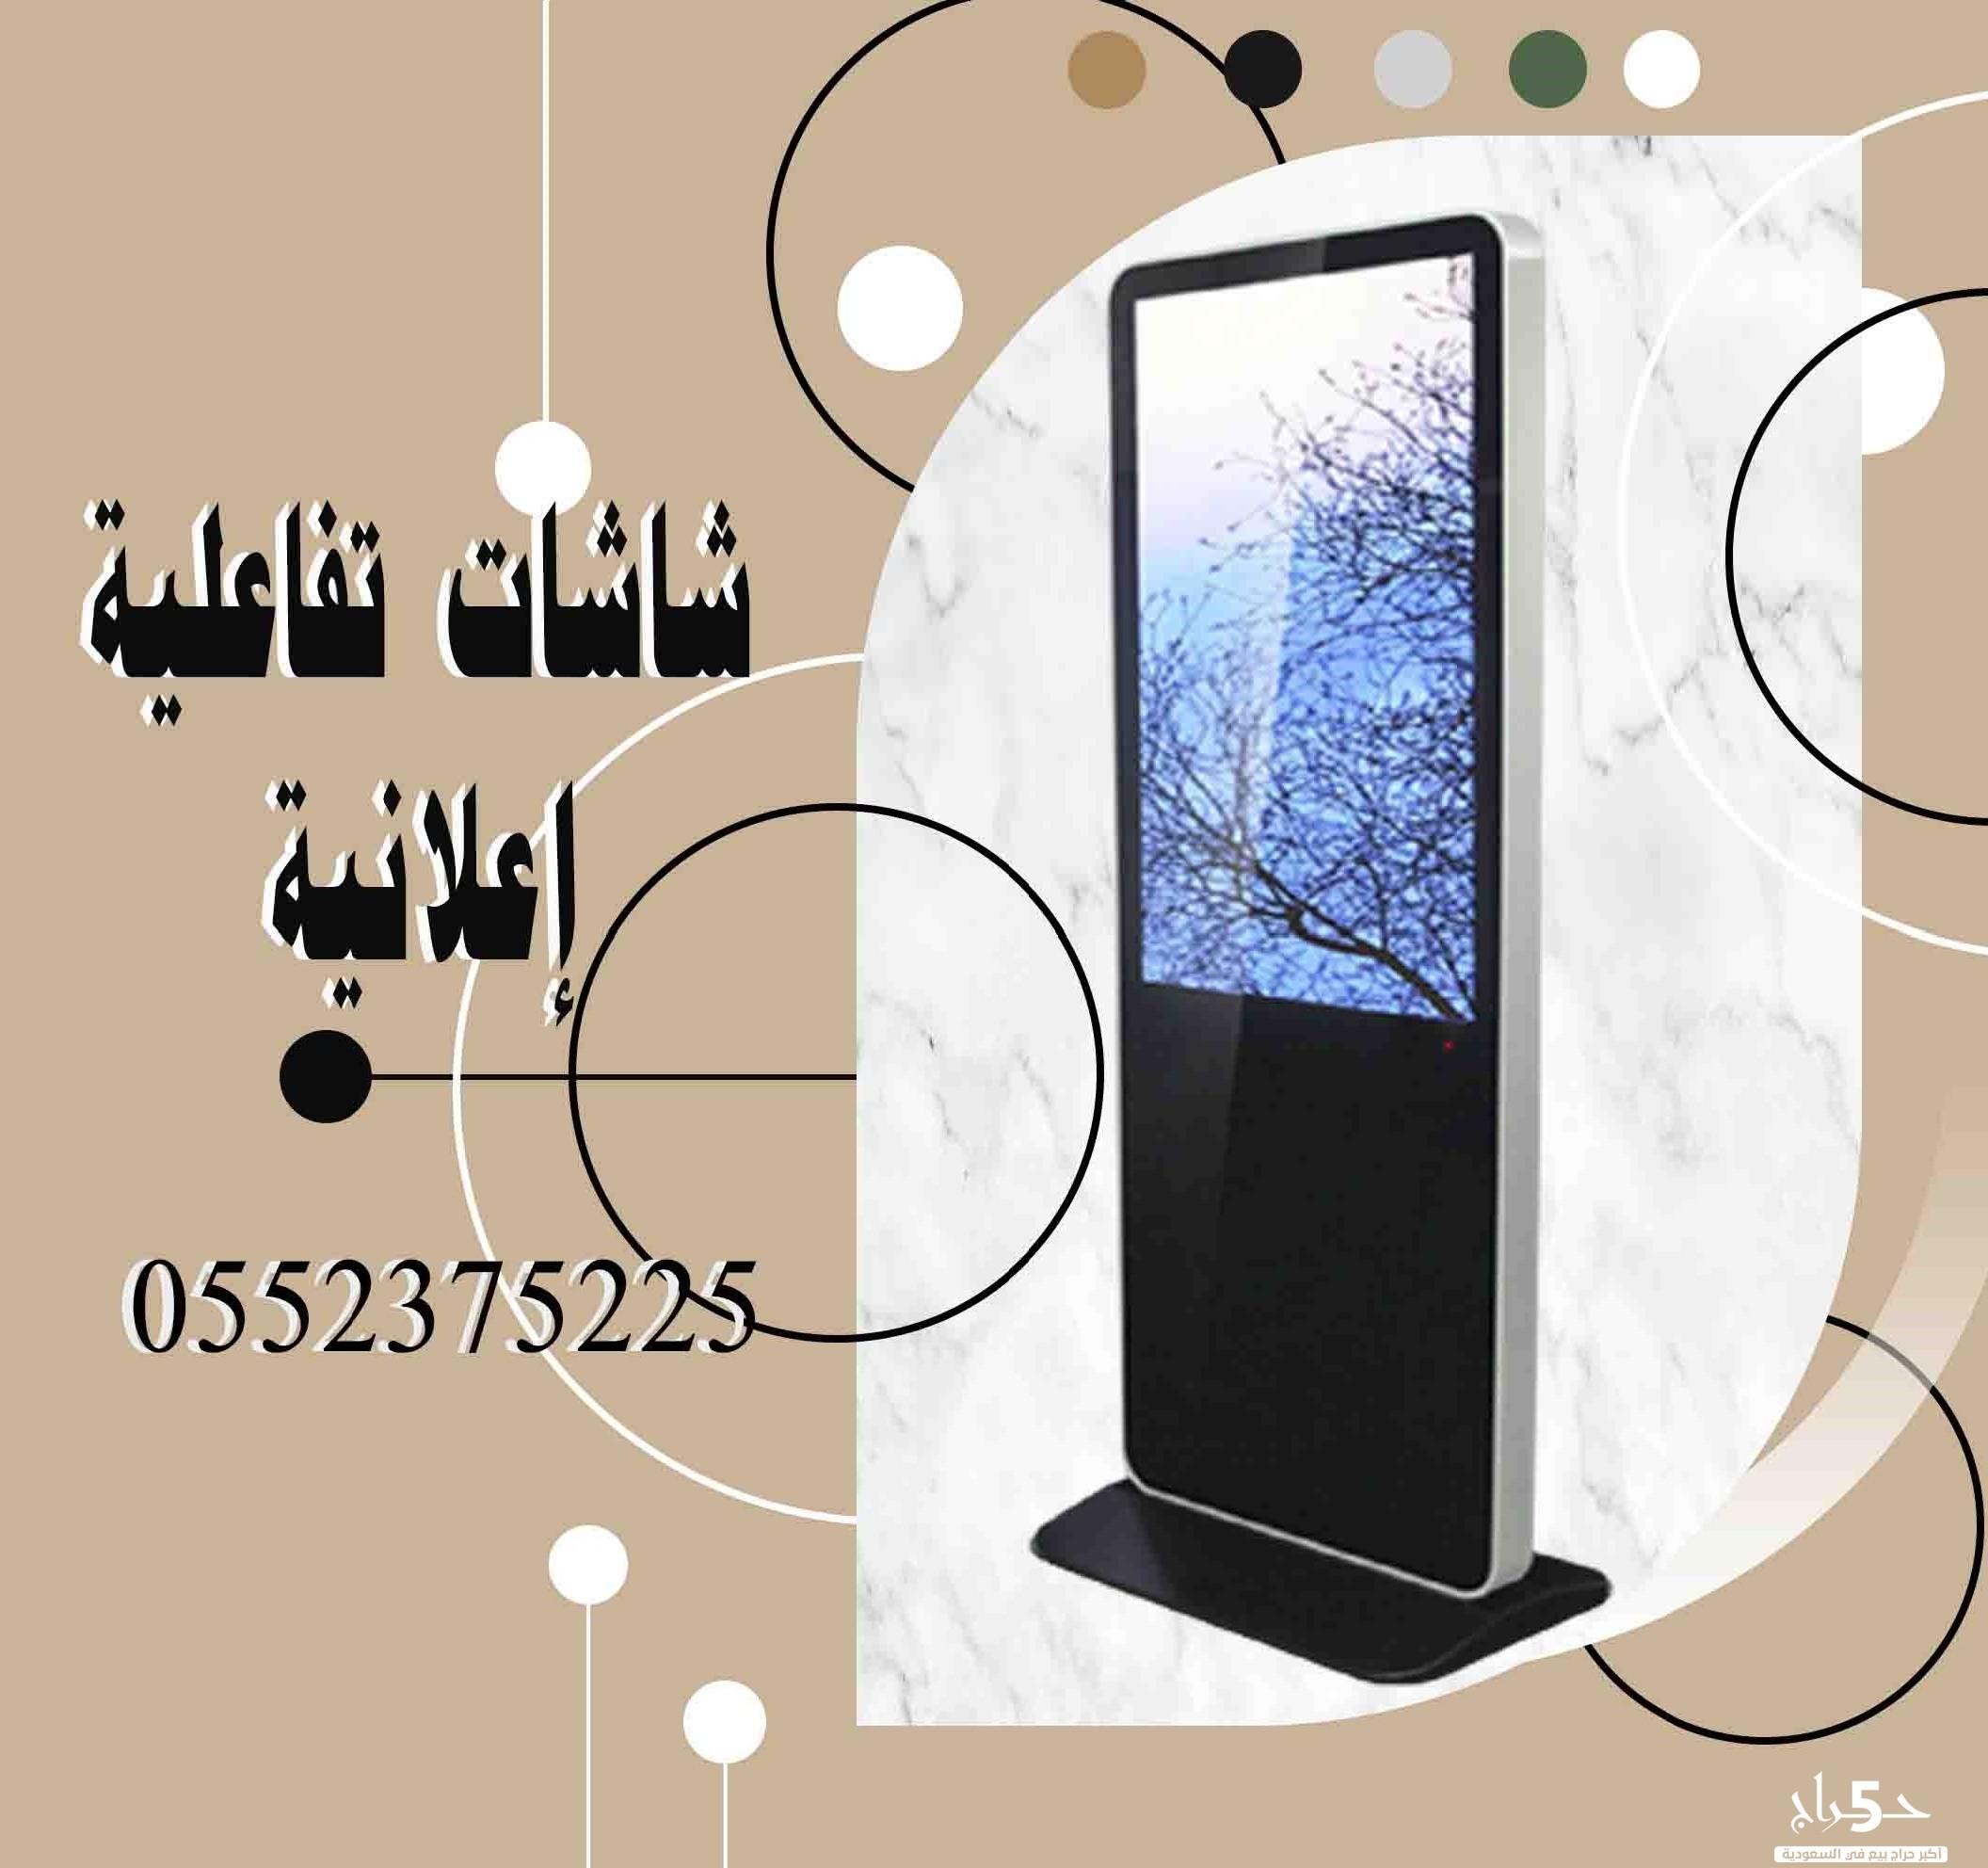 شاشات تفاعلية دعائية اعلانية للبيع